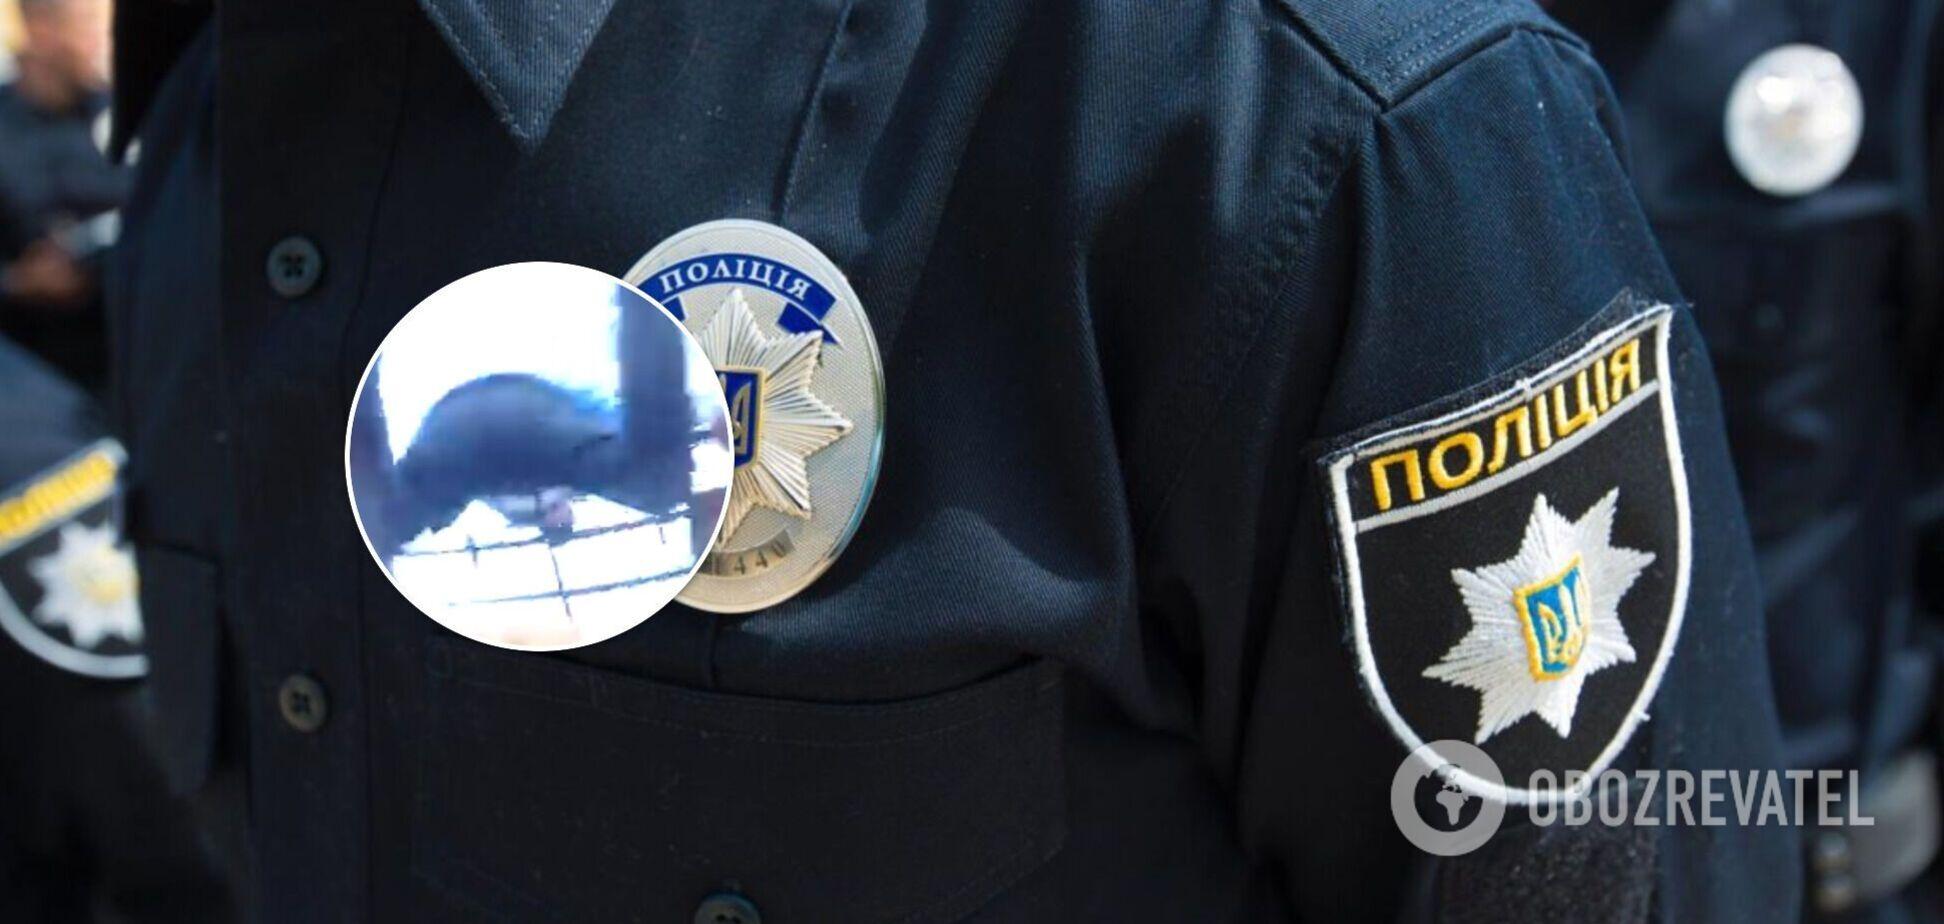 У Кременчуці поліцейські спіймали за ногу чоловіка, який вистрибнув із 7-го поверху. Відео